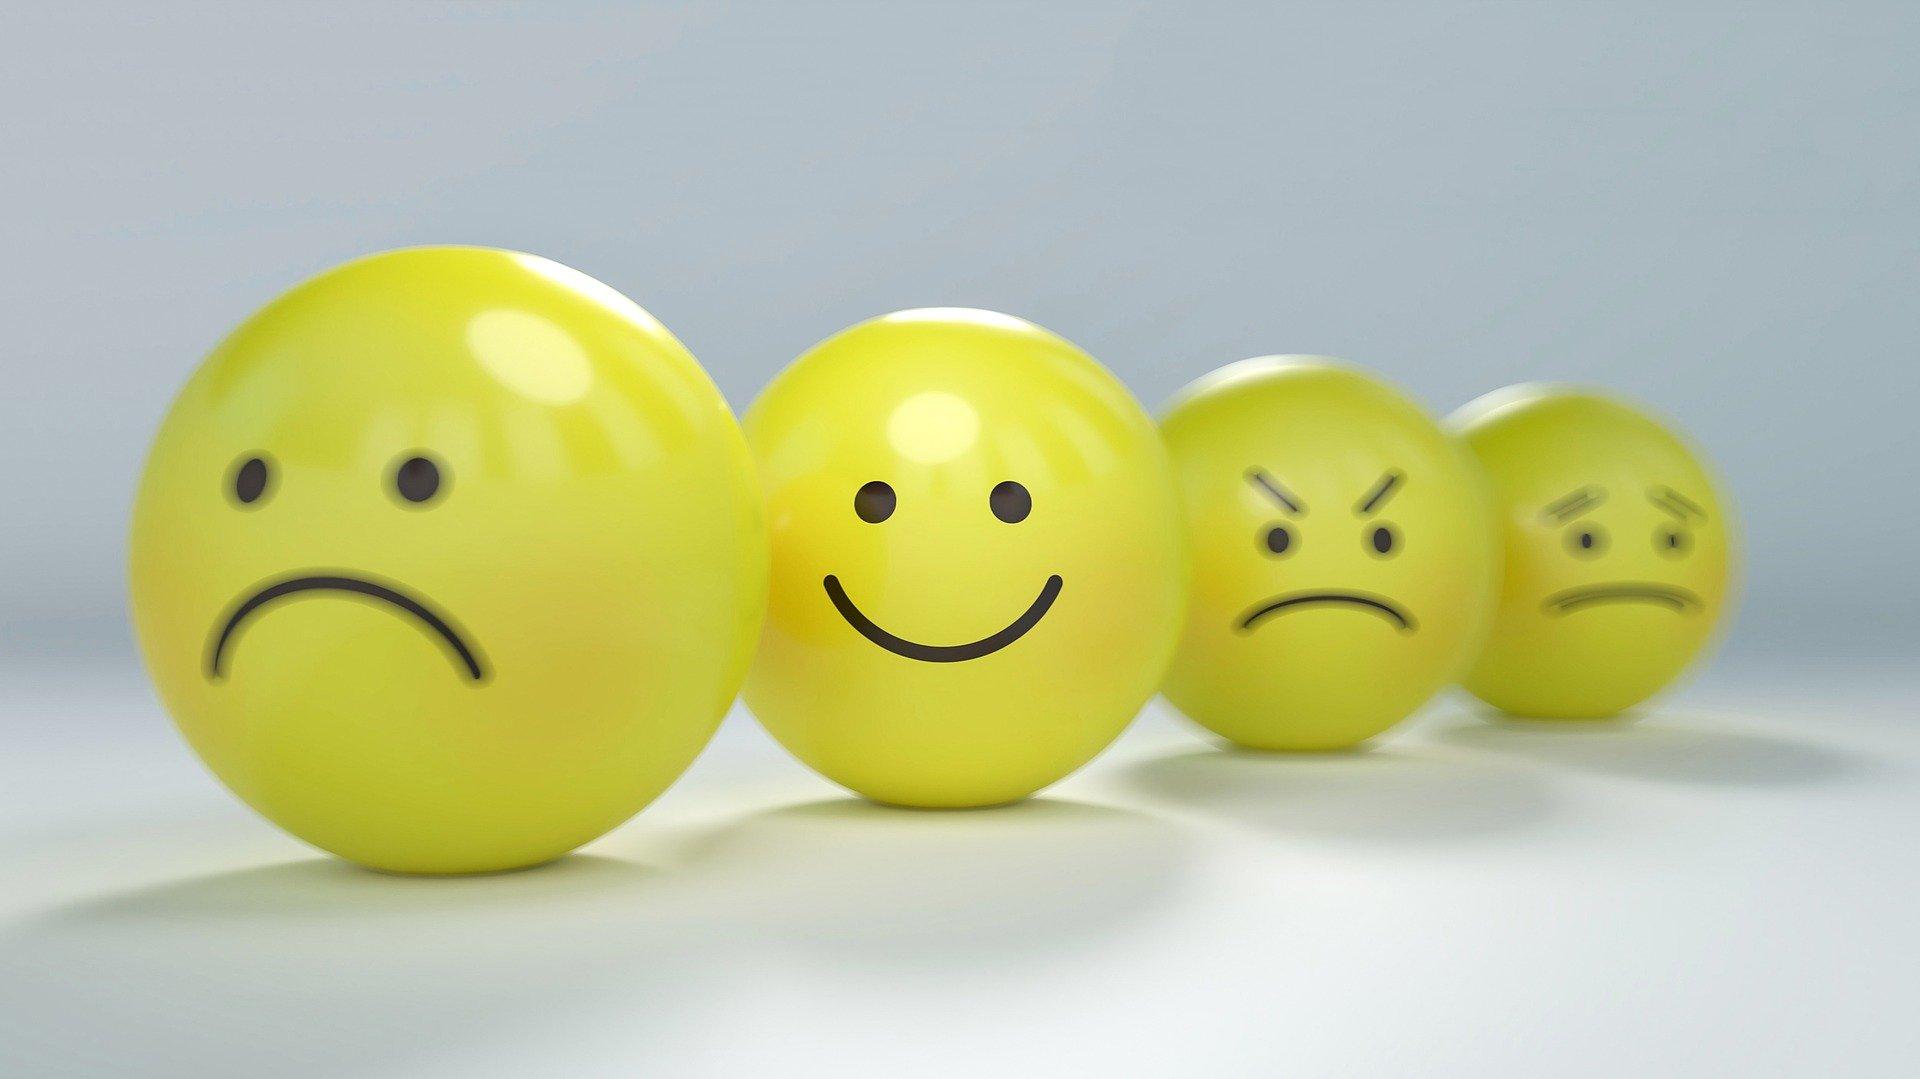 Alinear-nos amb el component emocional